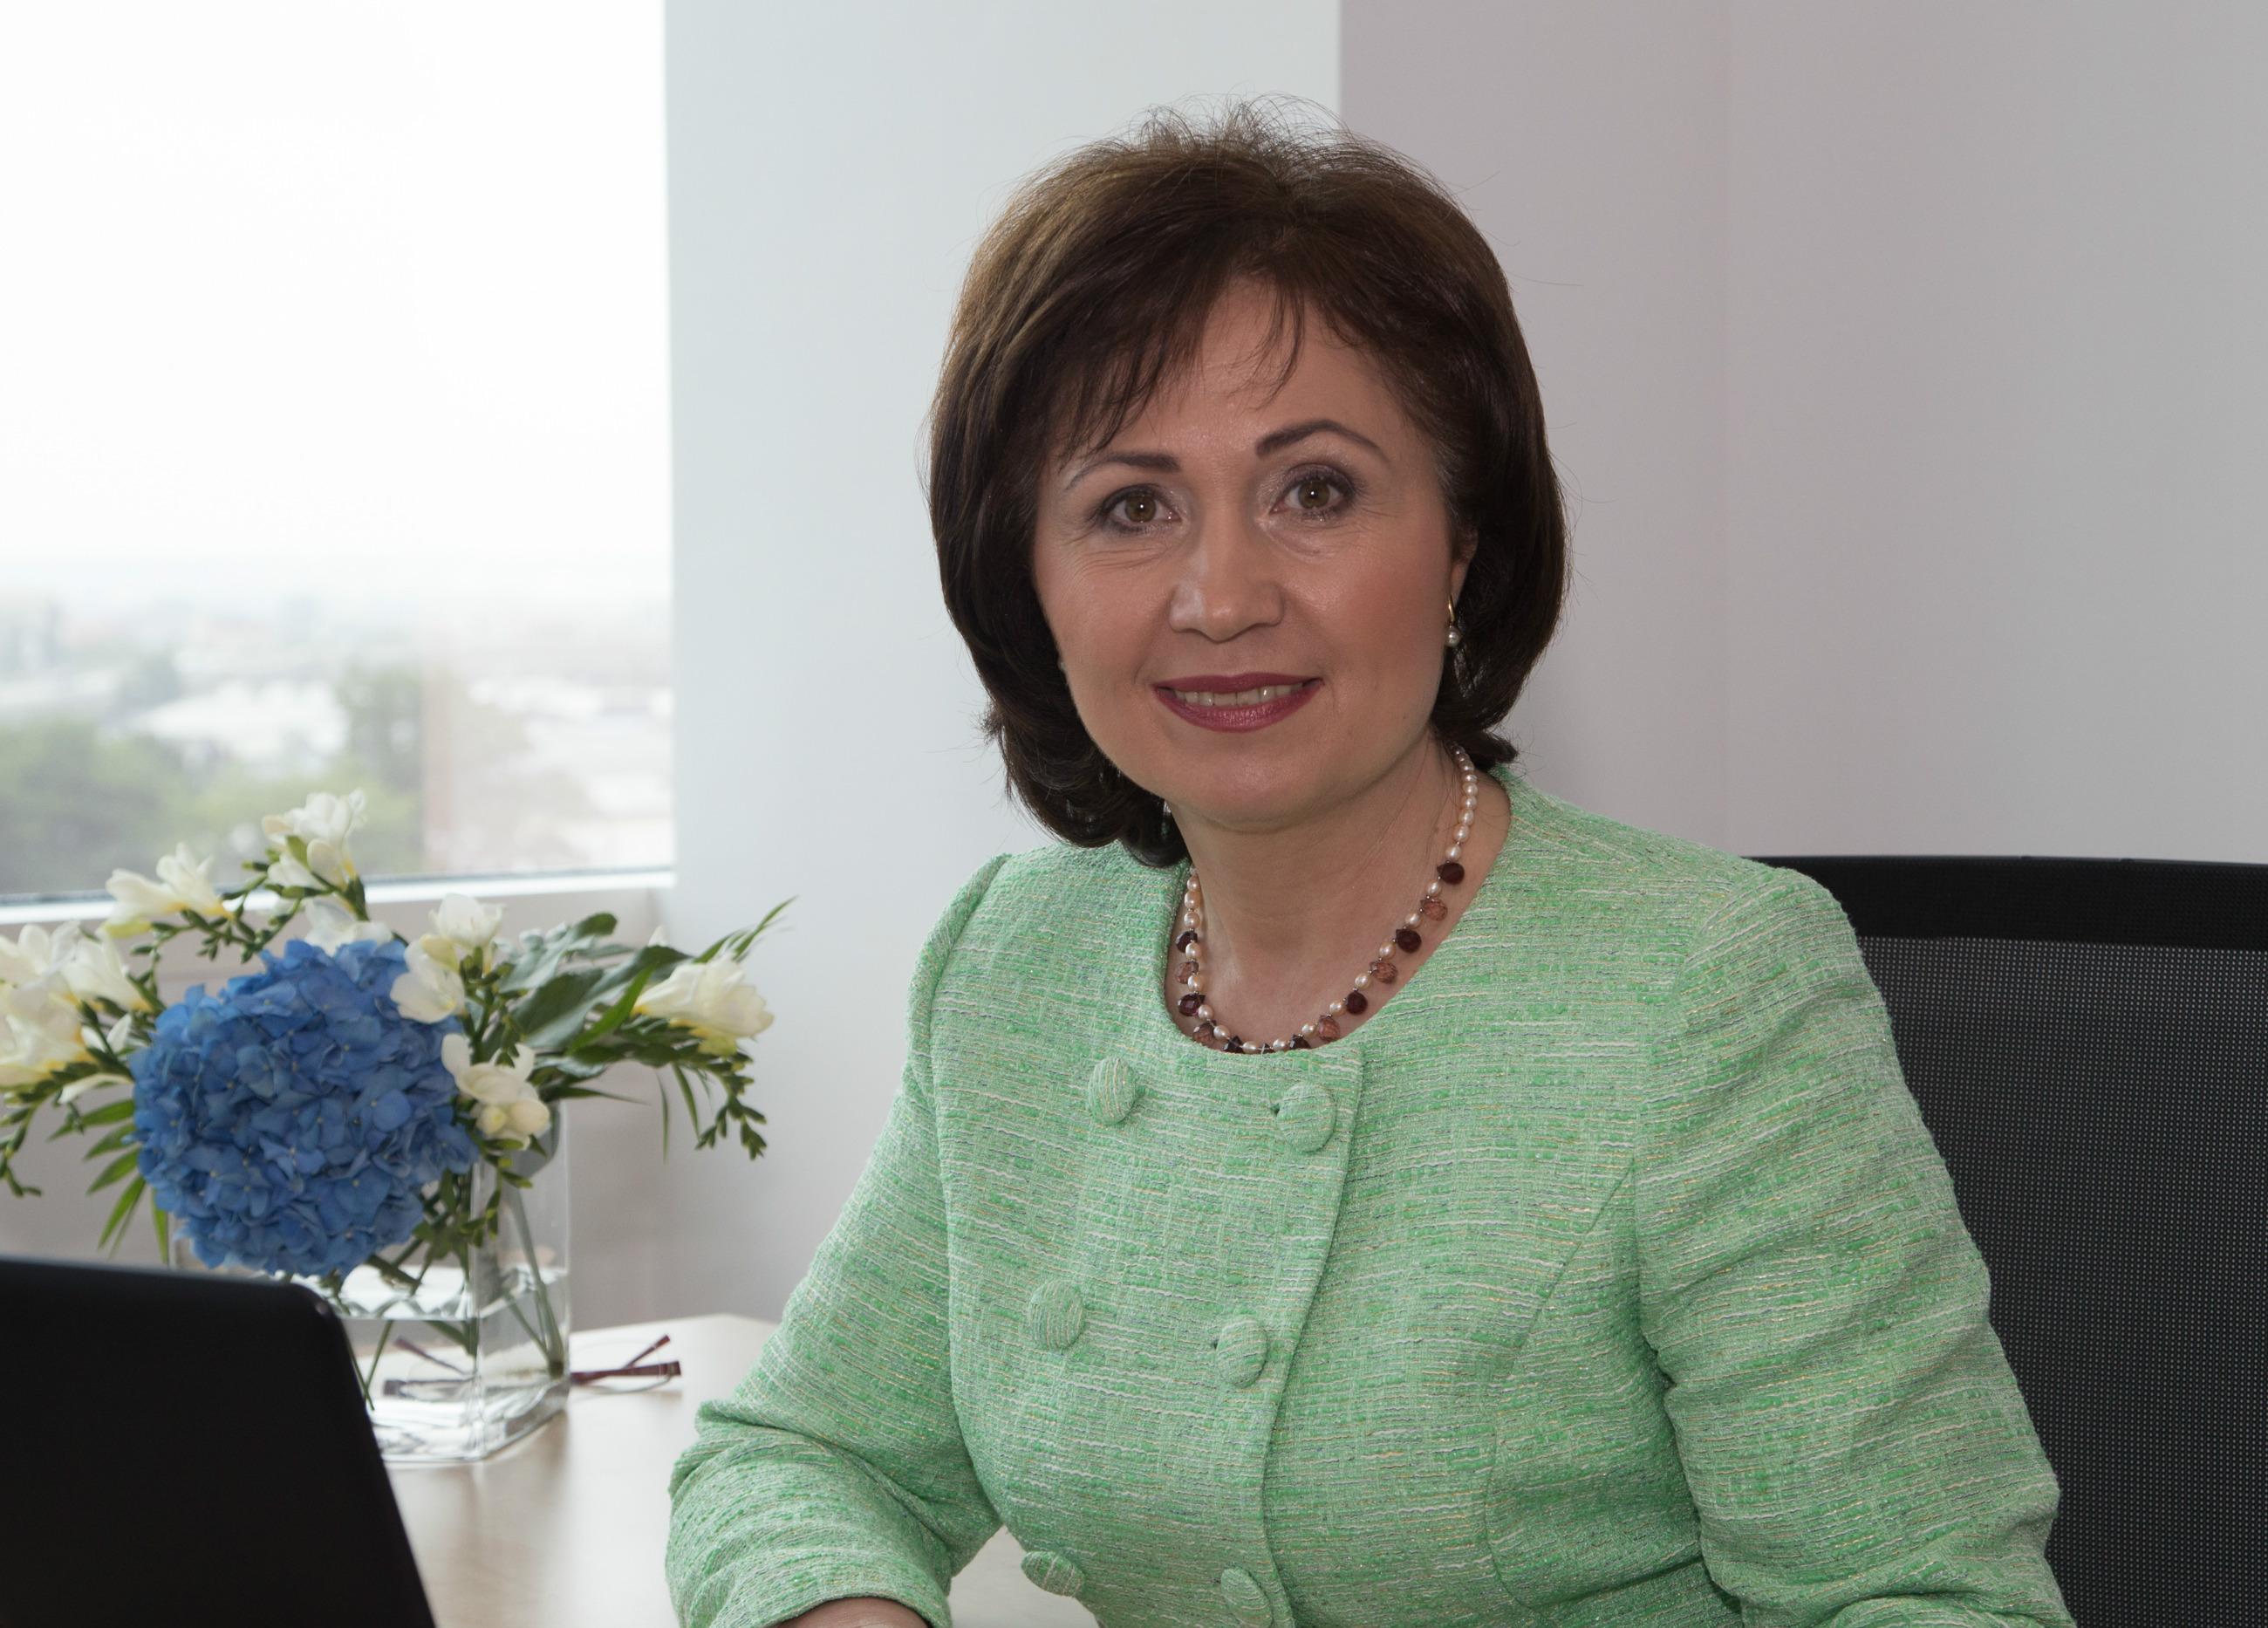 Mioara Popescu, Președinte Executiv Idea::Bank, despre provocările de a te promova ca un brand nou și de a răzbi ca o bancă mică